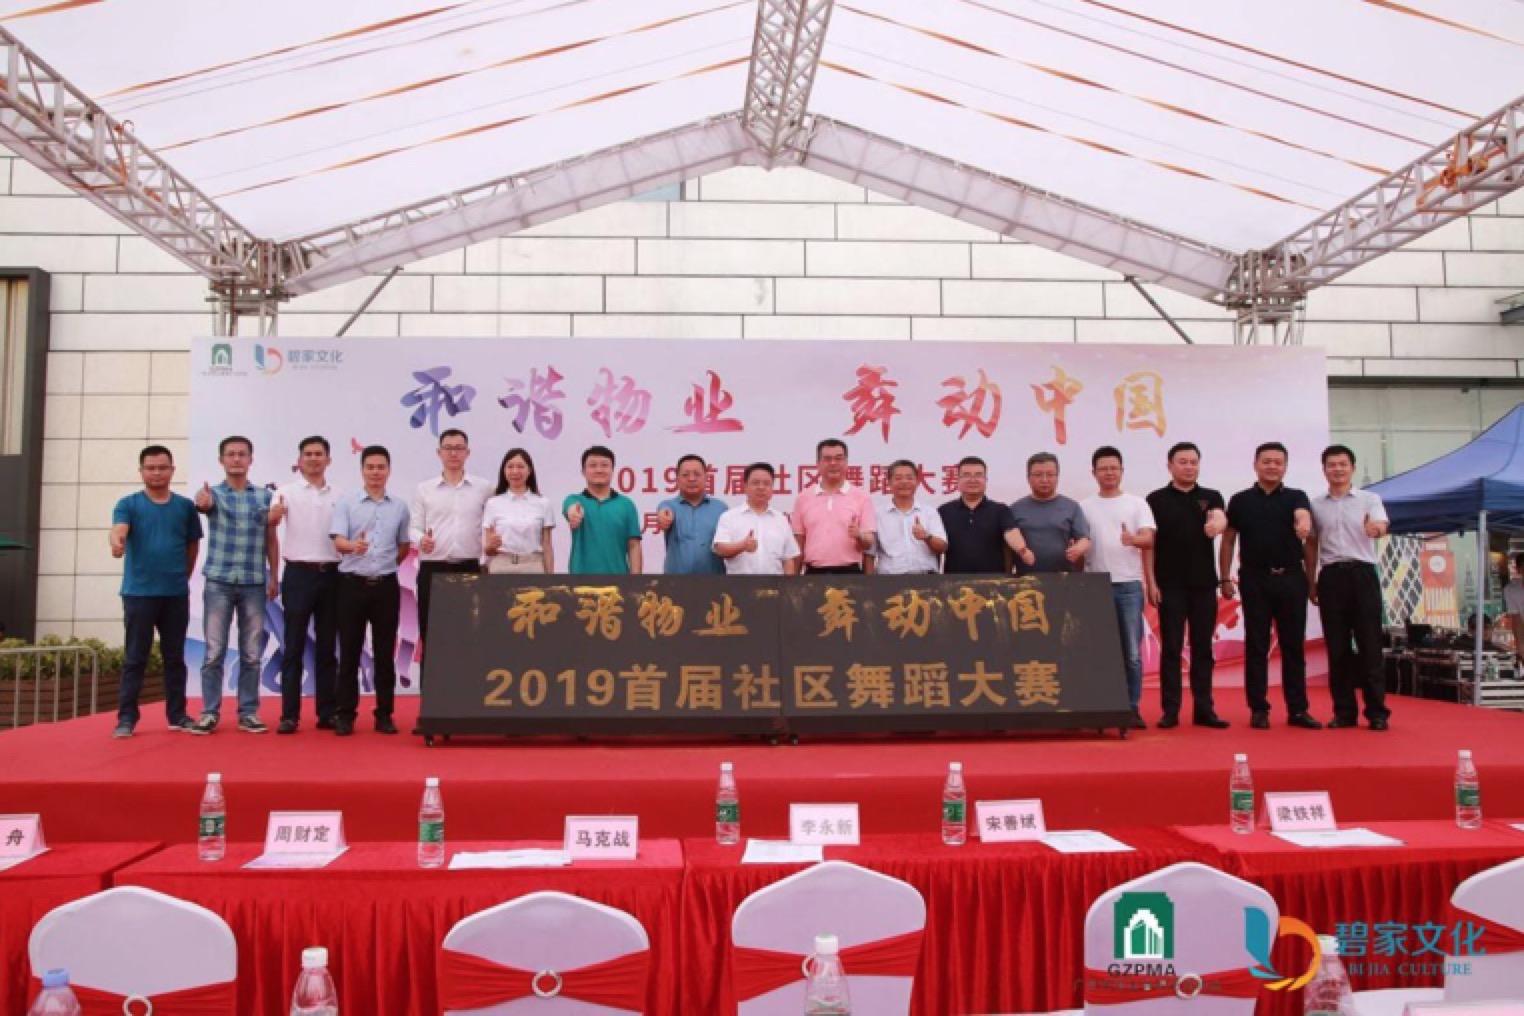 和谐物业?舞动中国2019首届社区舞蹈大赛 启动仪式暨首场海选成功举办